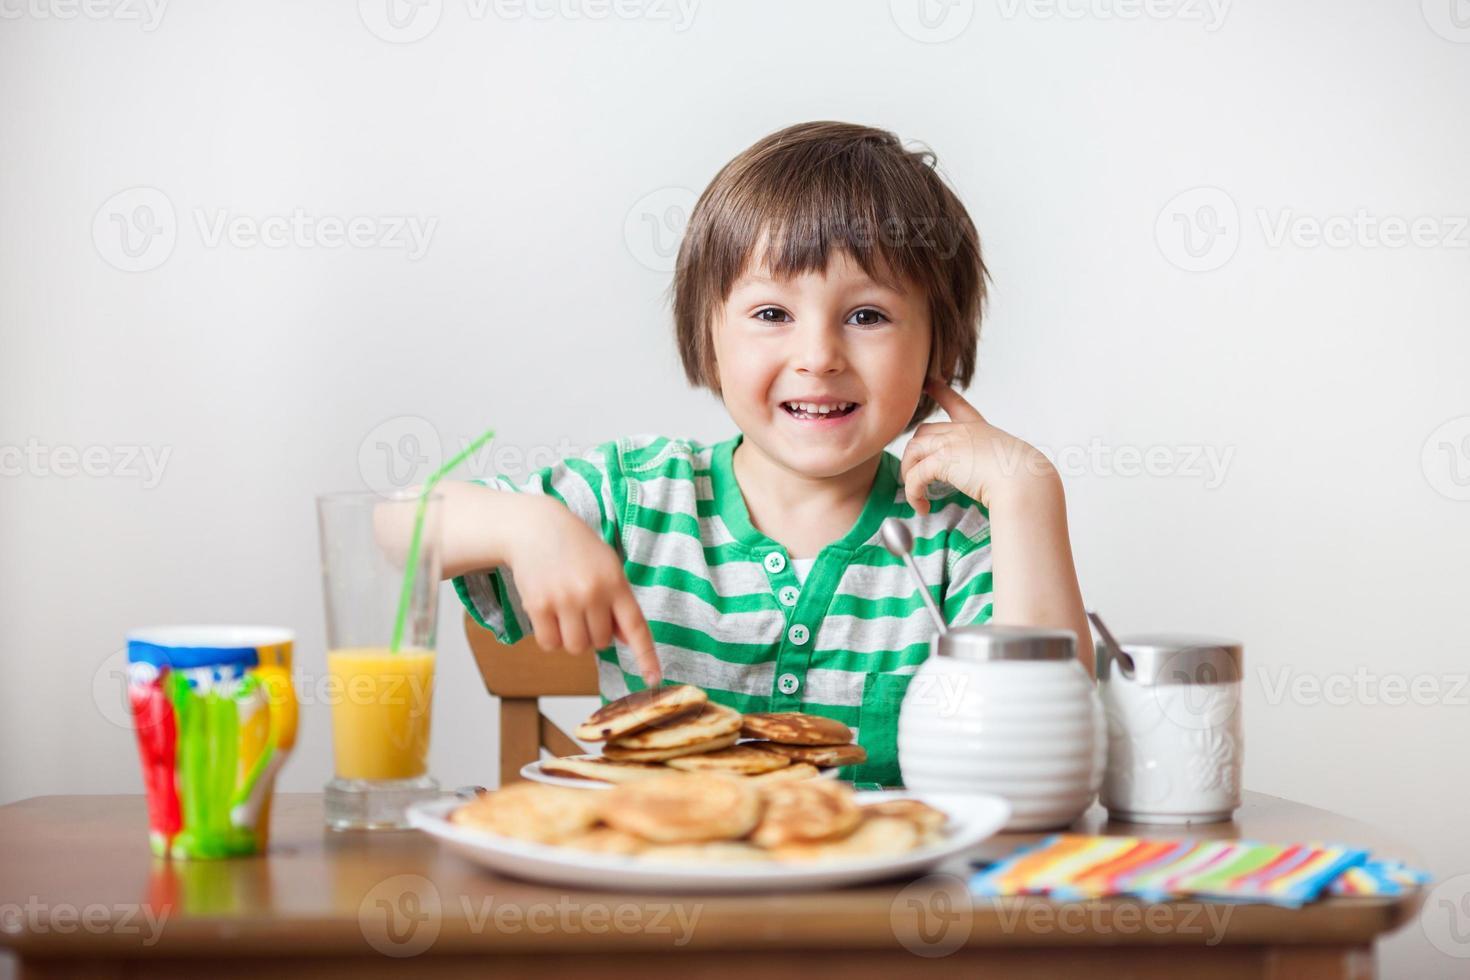 söt liten kaukasisk pojke som äter pannkakor foto